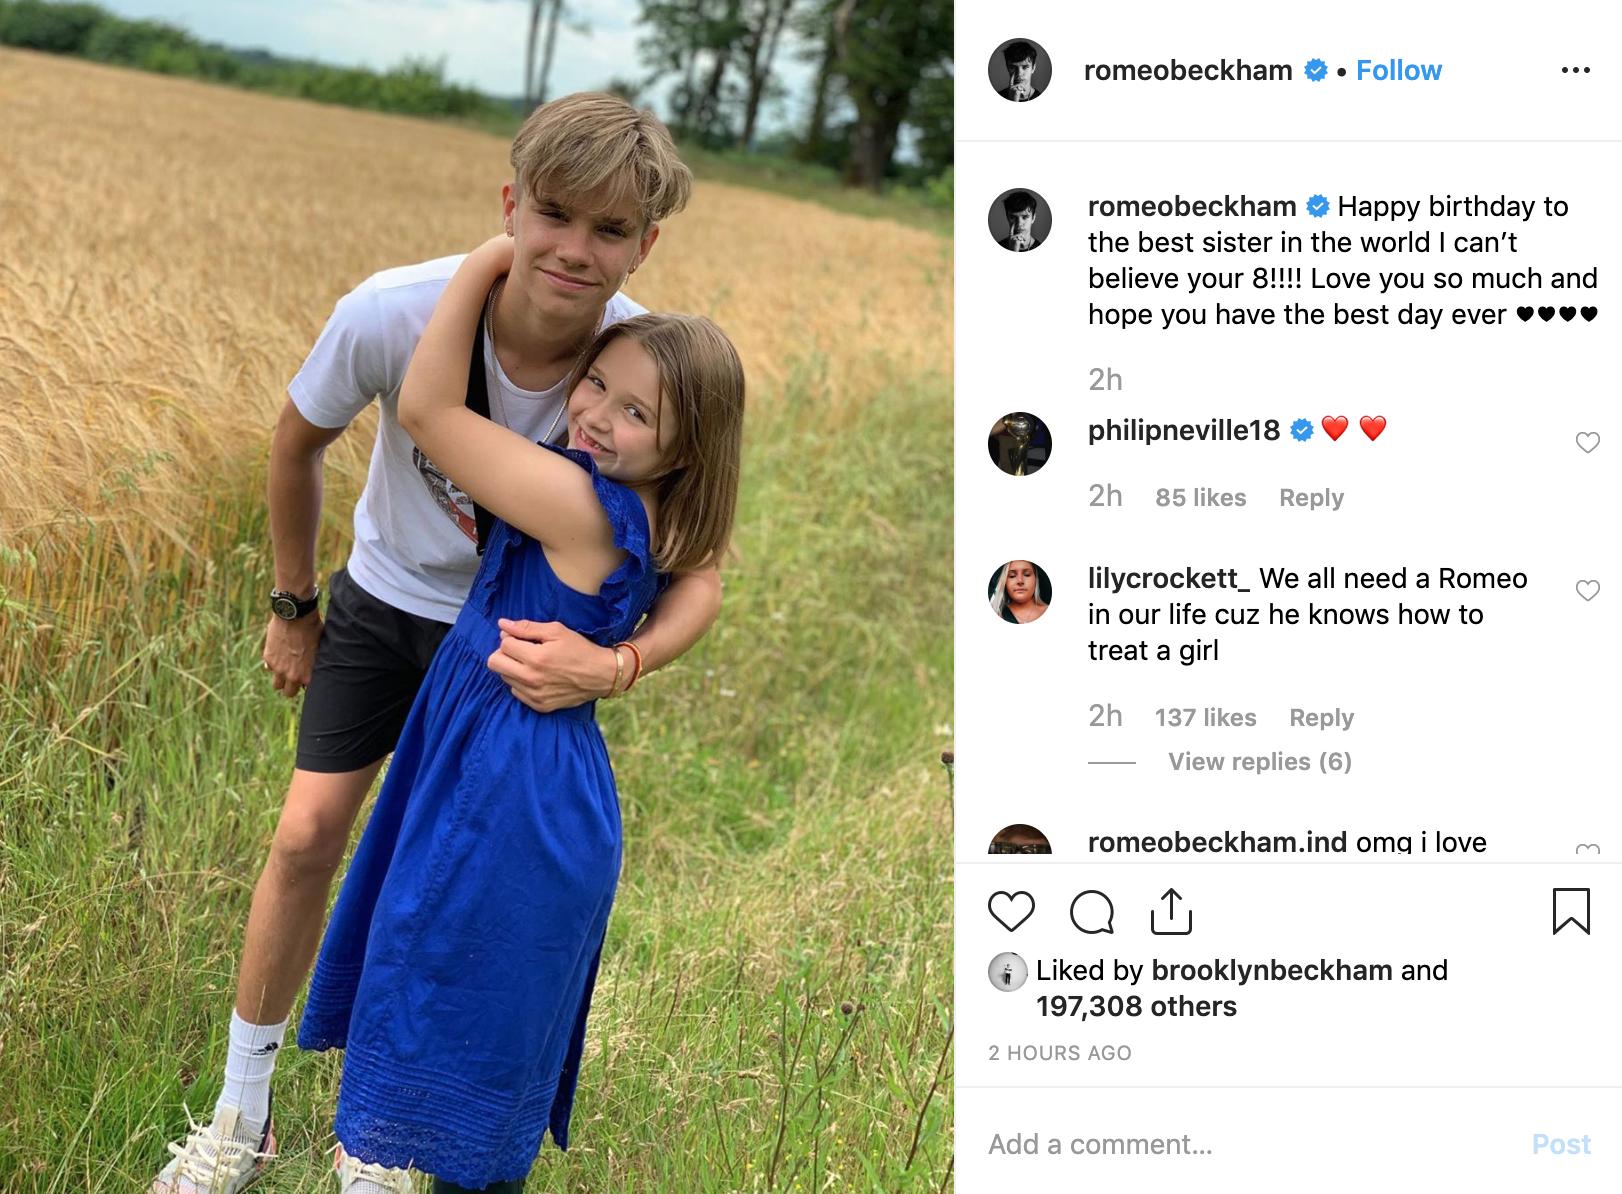 Cả nhà Beckham đăng ảnh chúc mừng sinh nhật Harper 8 tuổi, nhan sắc rực rỡ đáng yêu của cô bé gây chú ý - Ảnh 4.